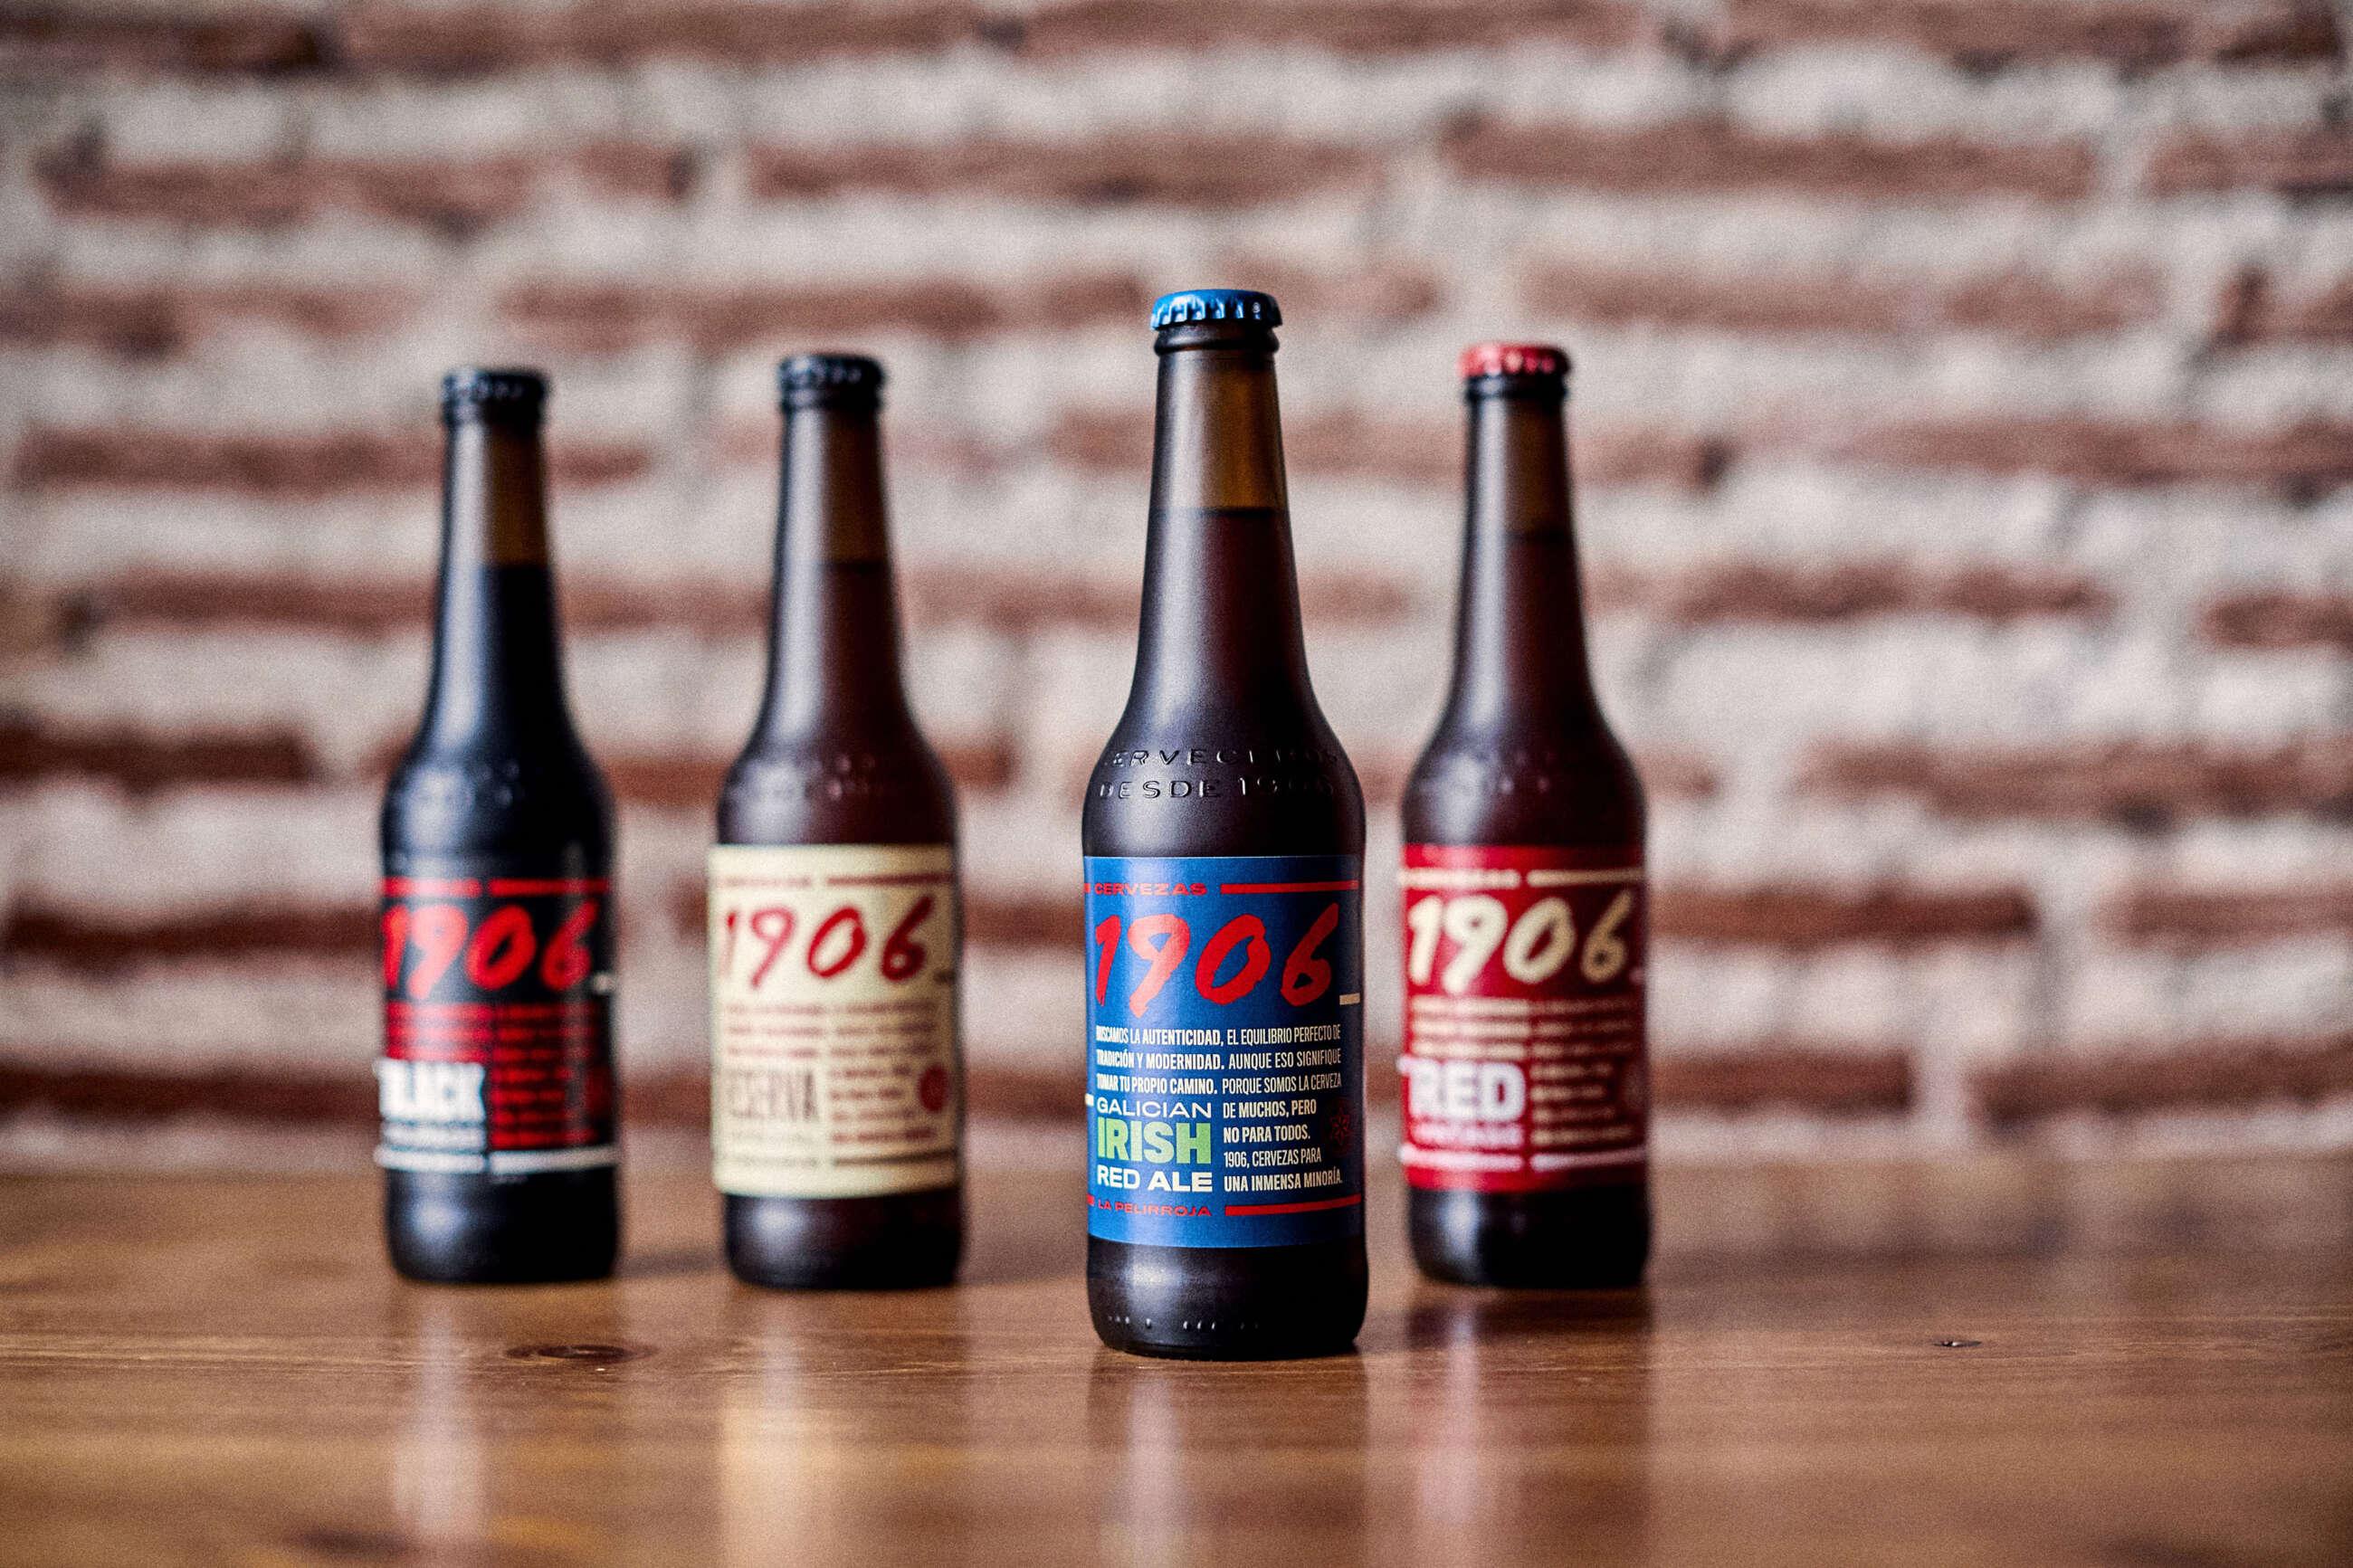 """Cervezas 1906 de Estrella Galicia, entre las que se encuentra """"La Pelirroja"""""""